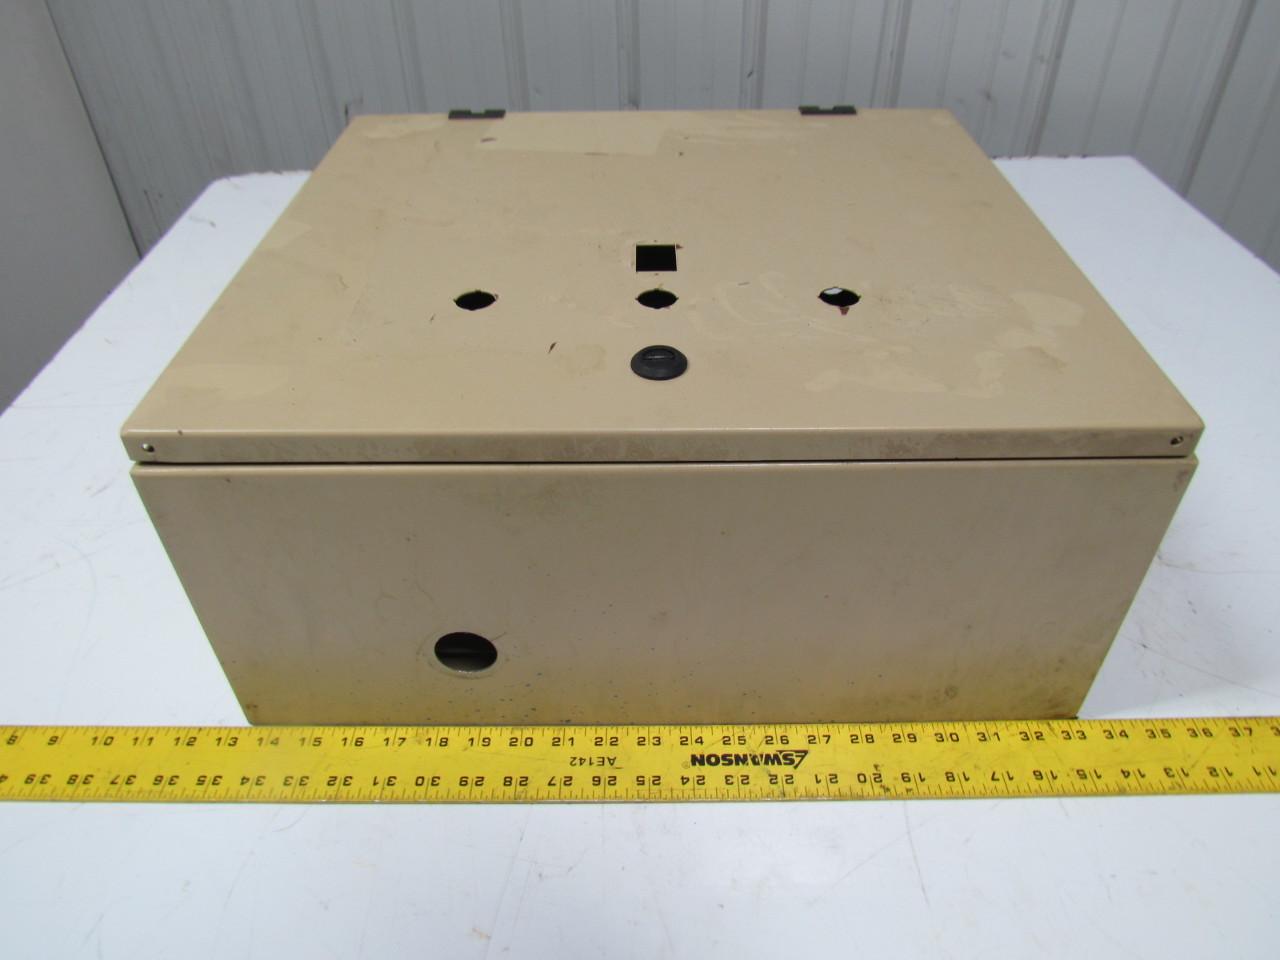 Hoffman engineering 20x18x8 electrical enclosure type 4 w for Electric motor enclosure types